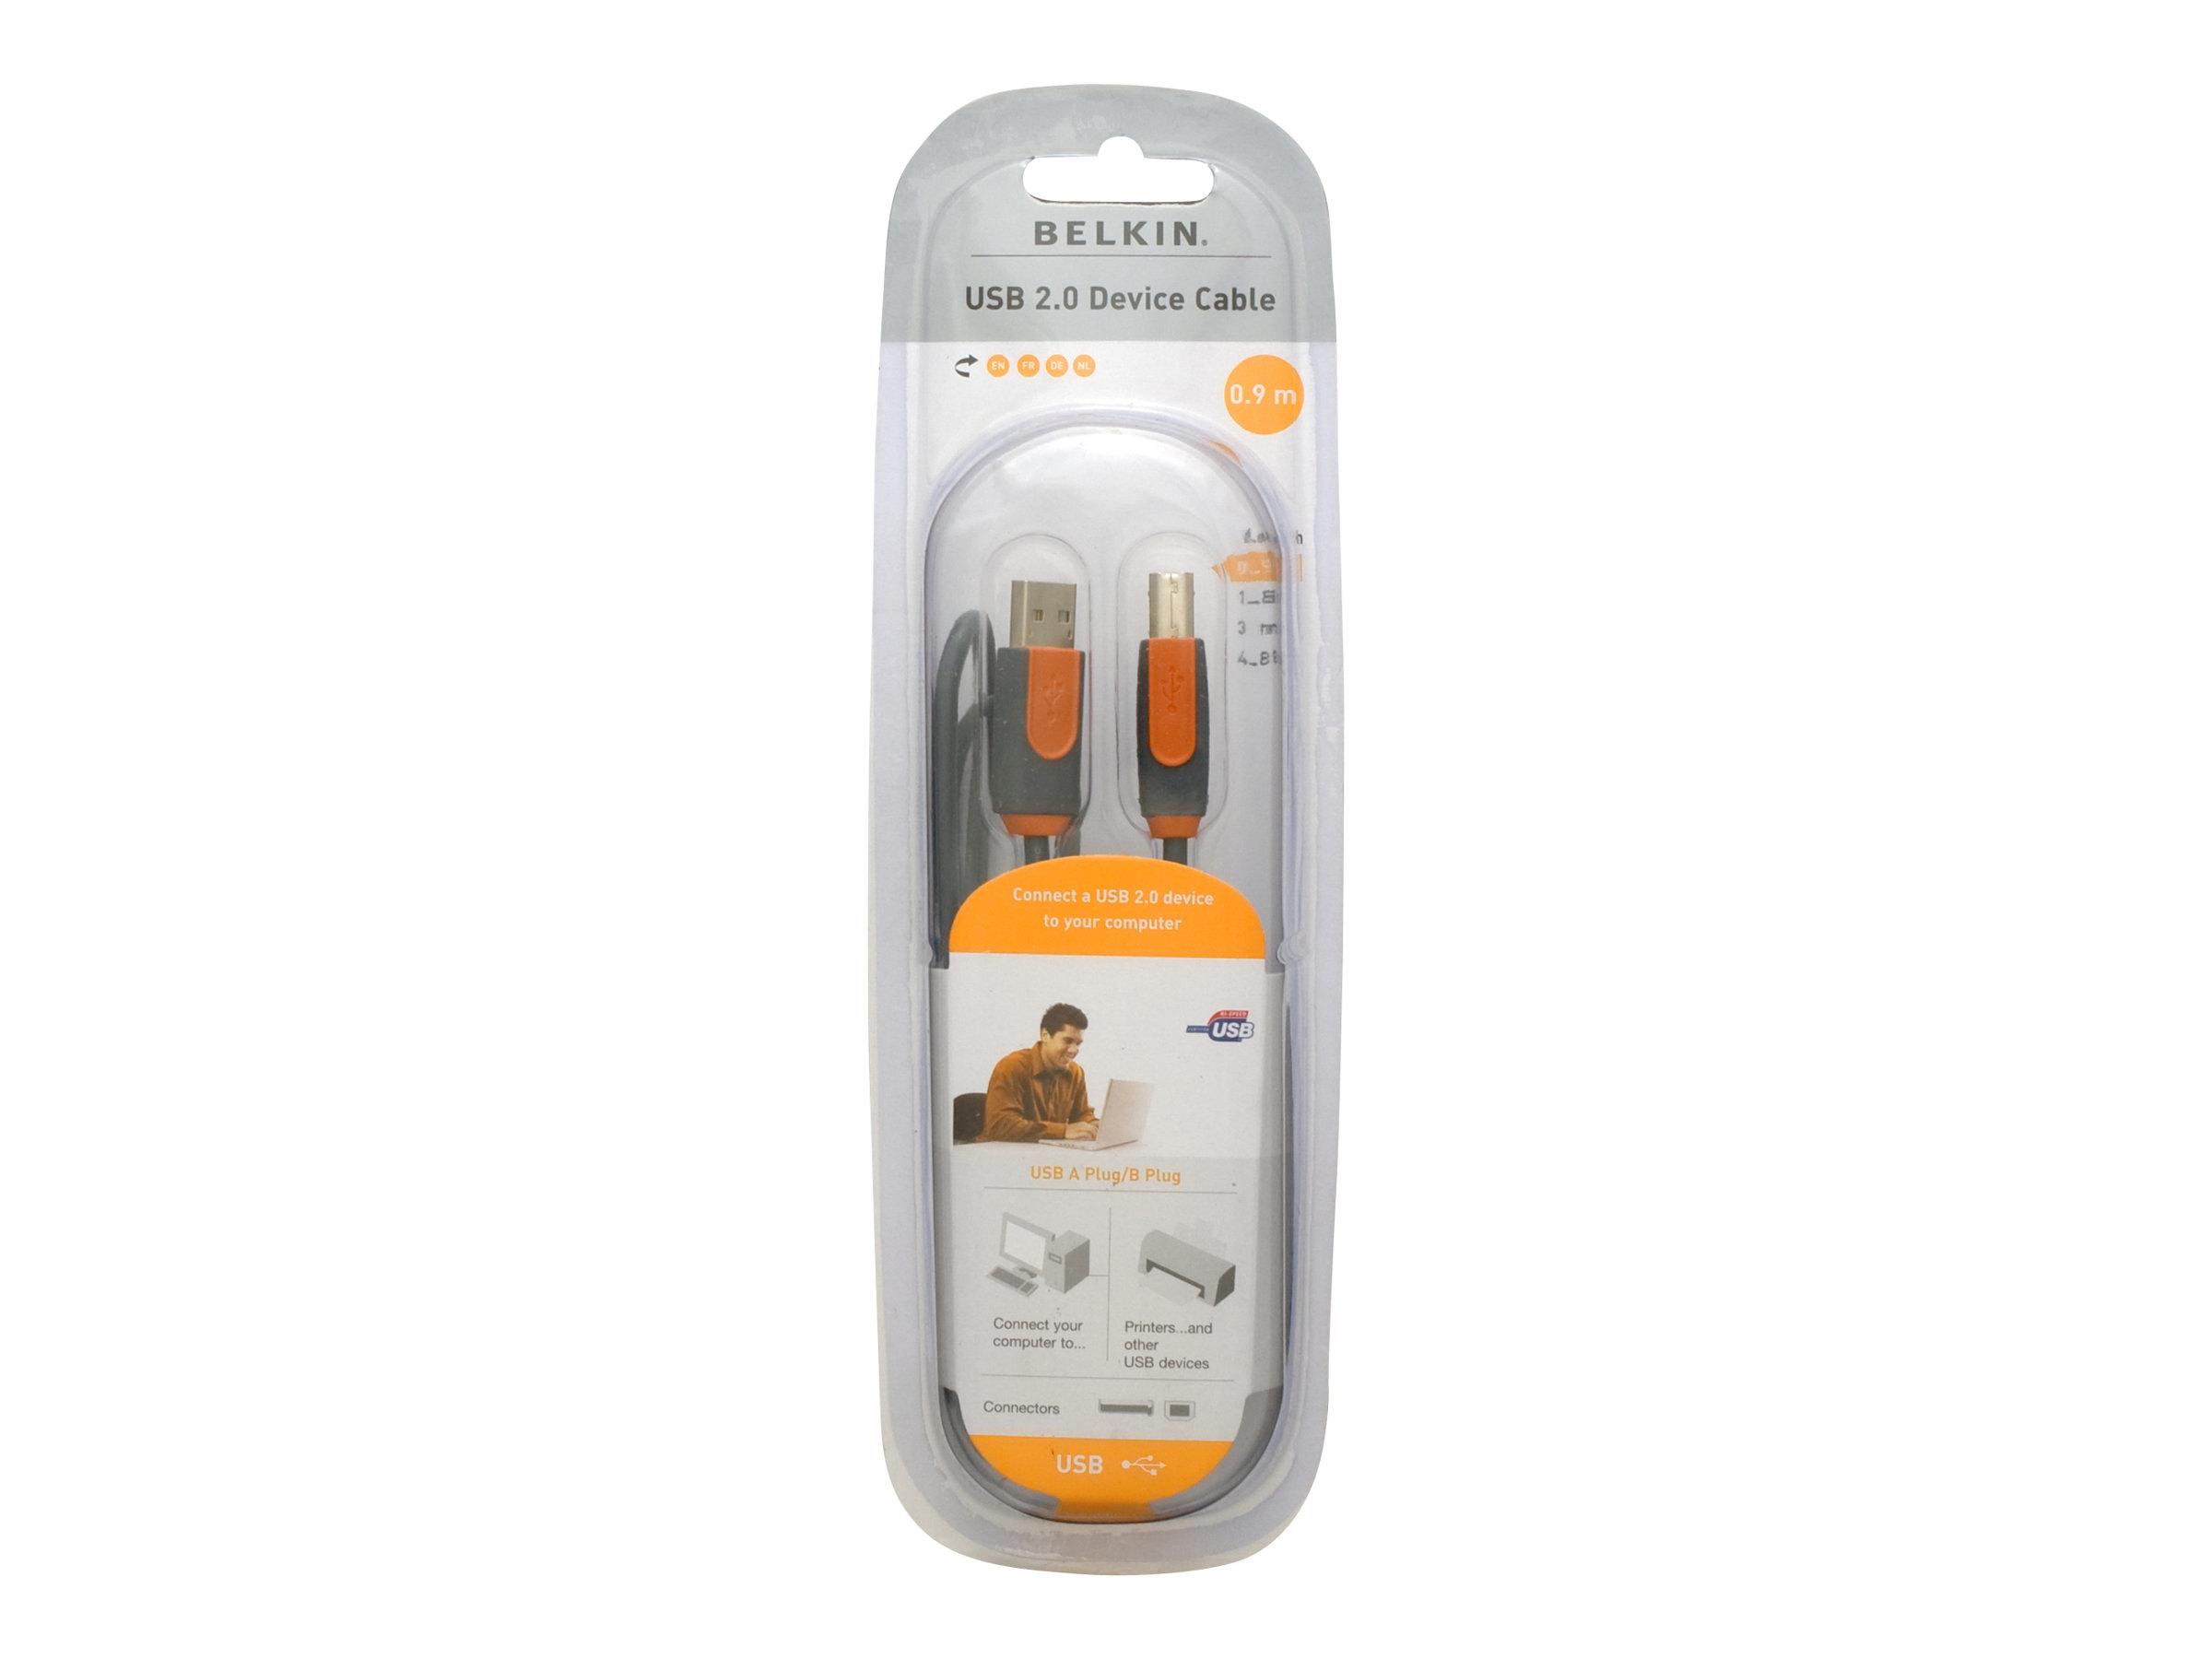 Belkin PRO Series Hi-Speed USB 2.0 Device Cable - USB-Kabel - USB (M) bis USB Typ B (M) - USB 2.0 - 90 cm - geformt